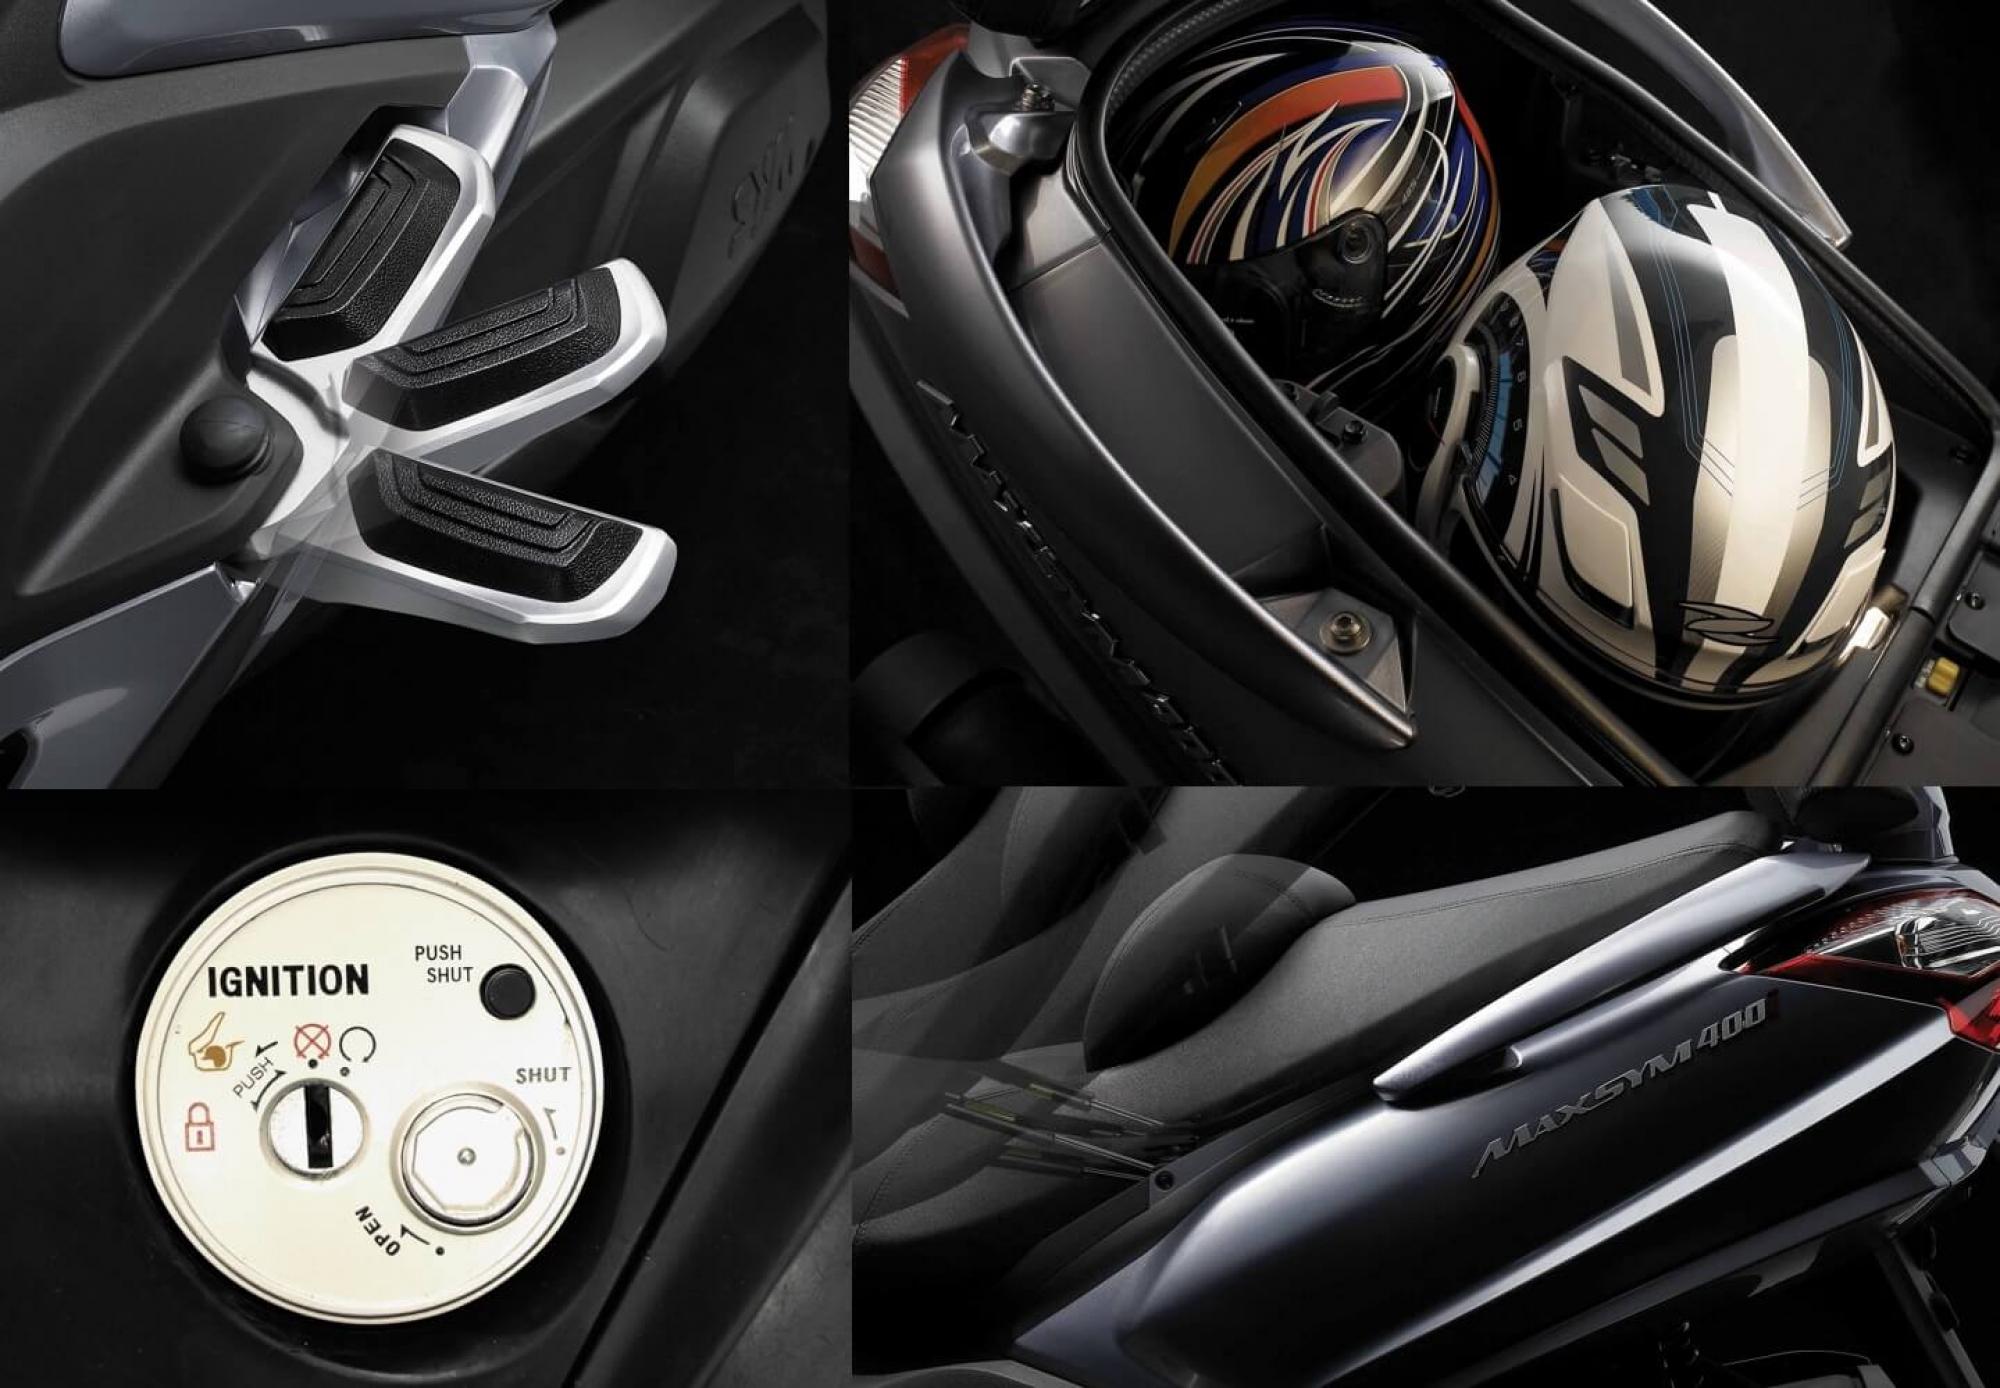 SYM Maxsym 400cc | Motos Sym